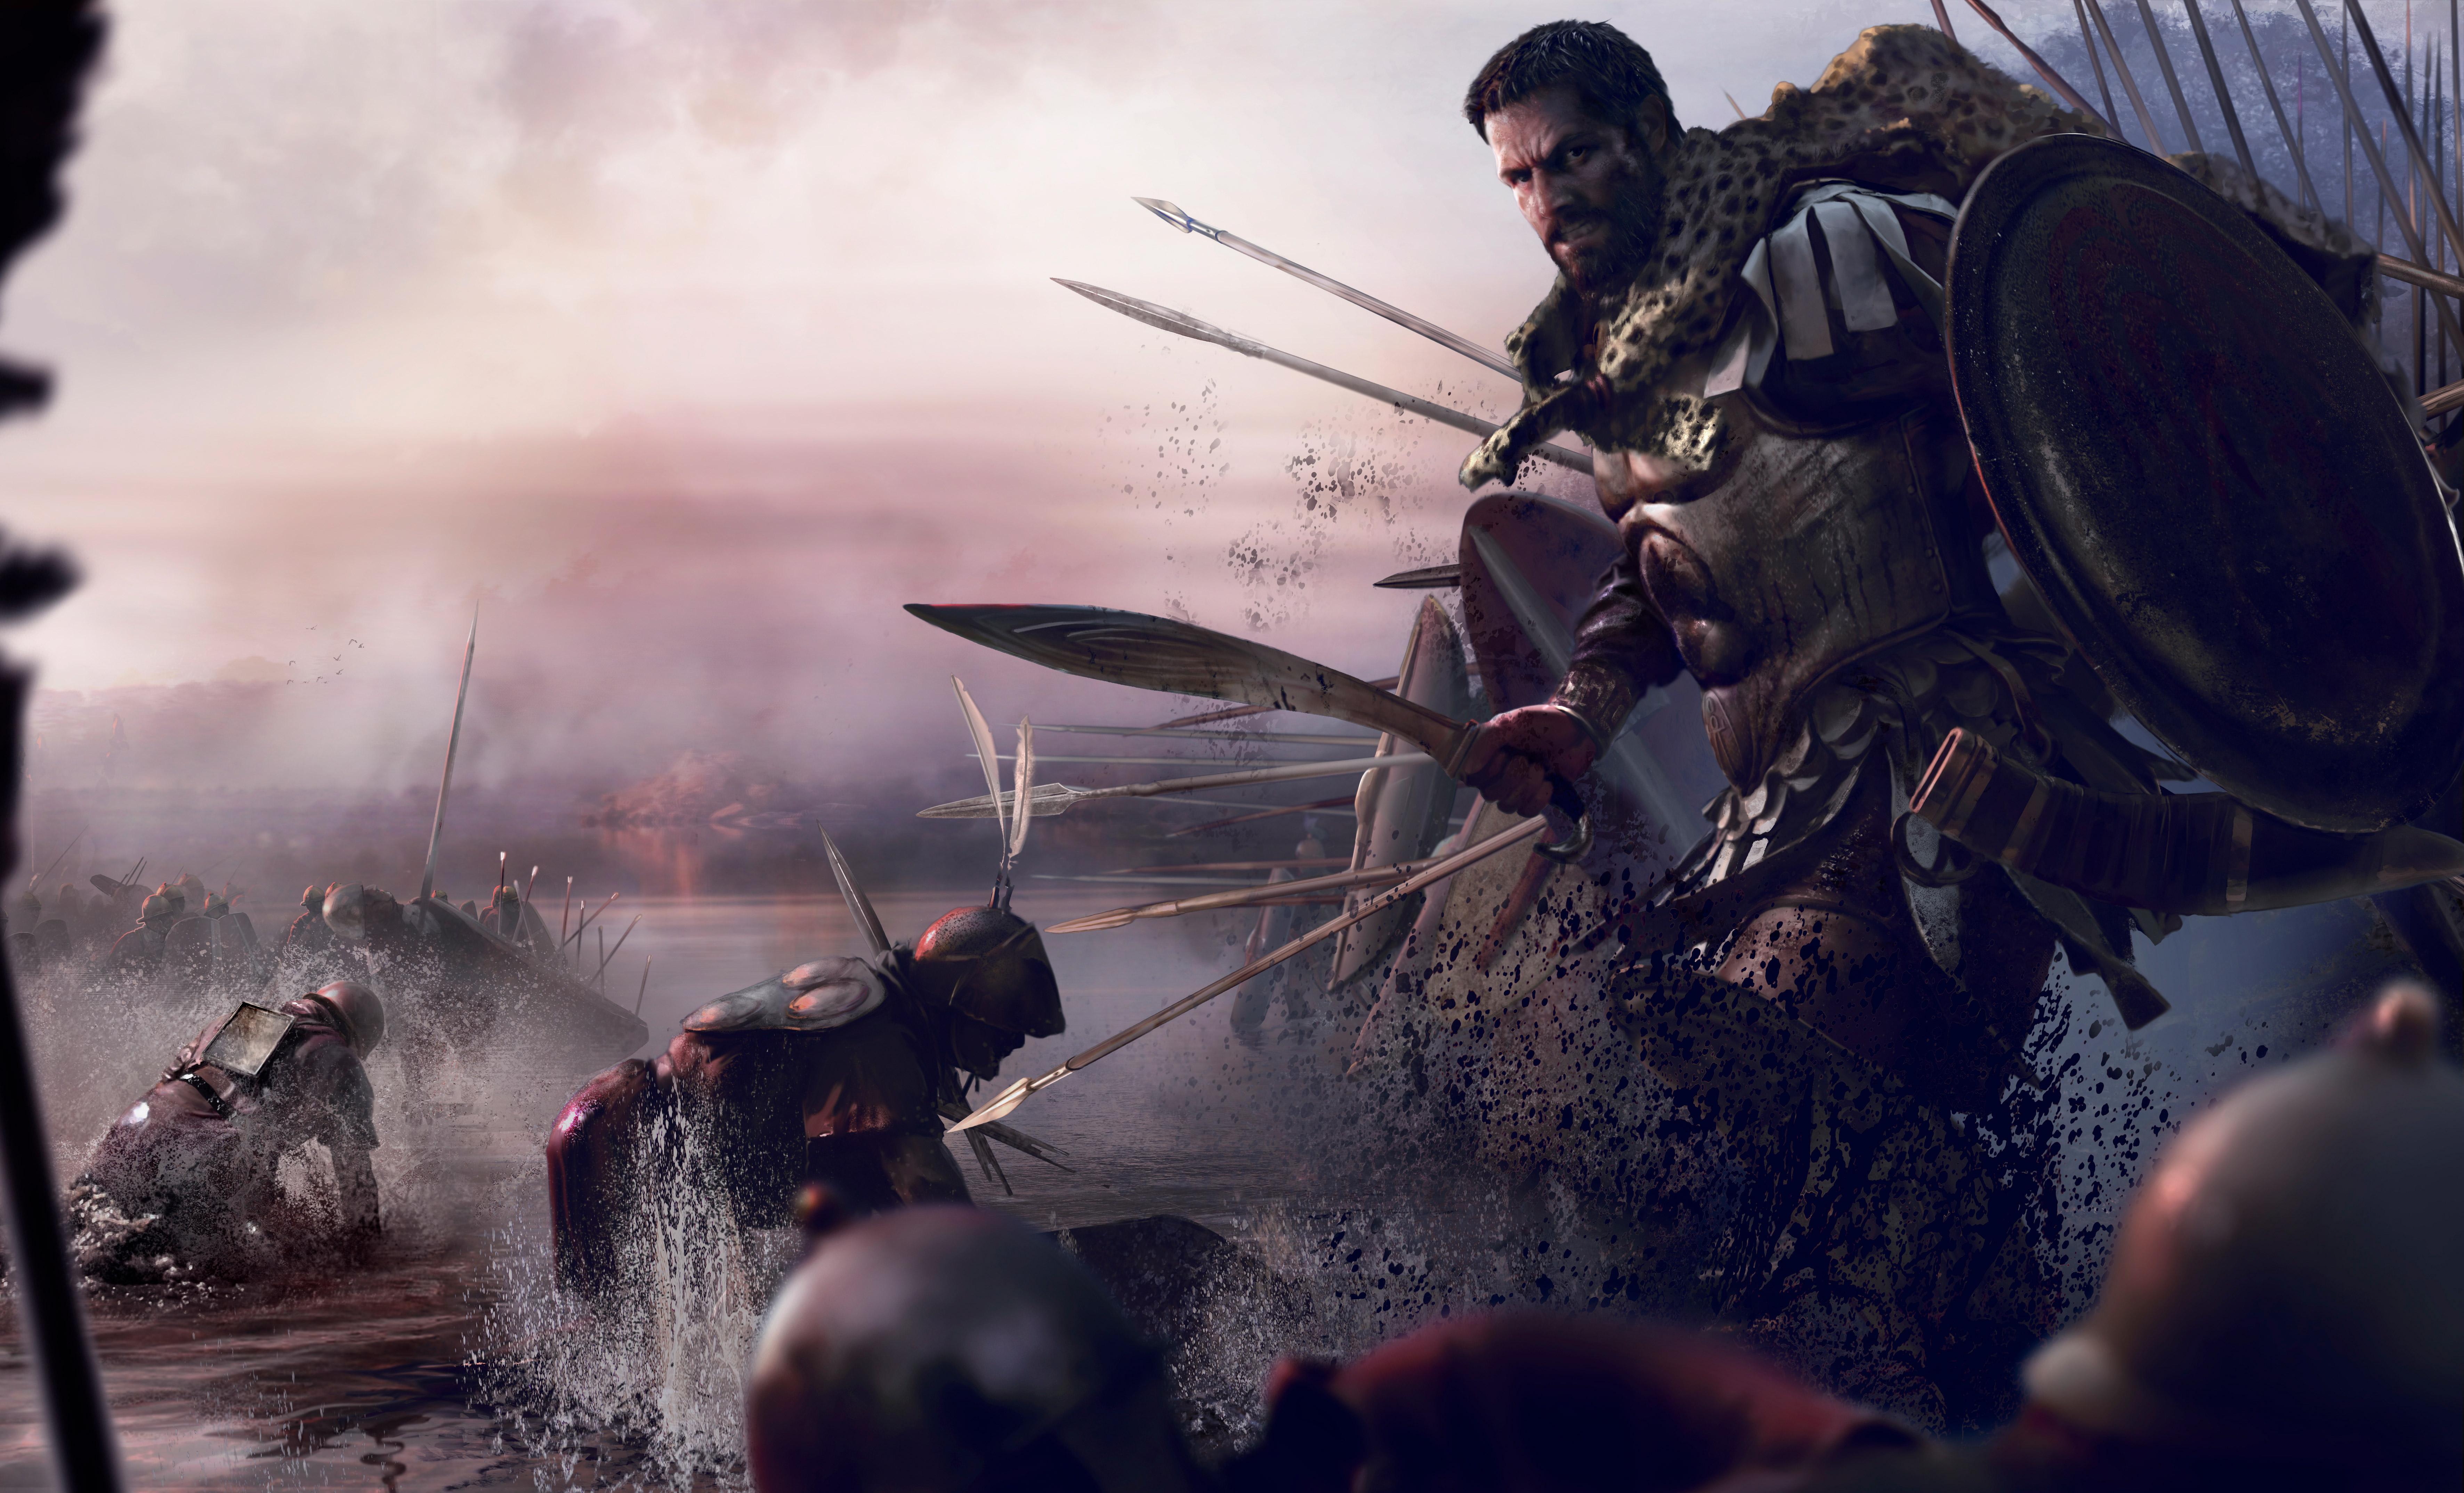 Rome Total War Wallpaper: Total War Rome 3, HD Games, 4k Wallpapers, Images